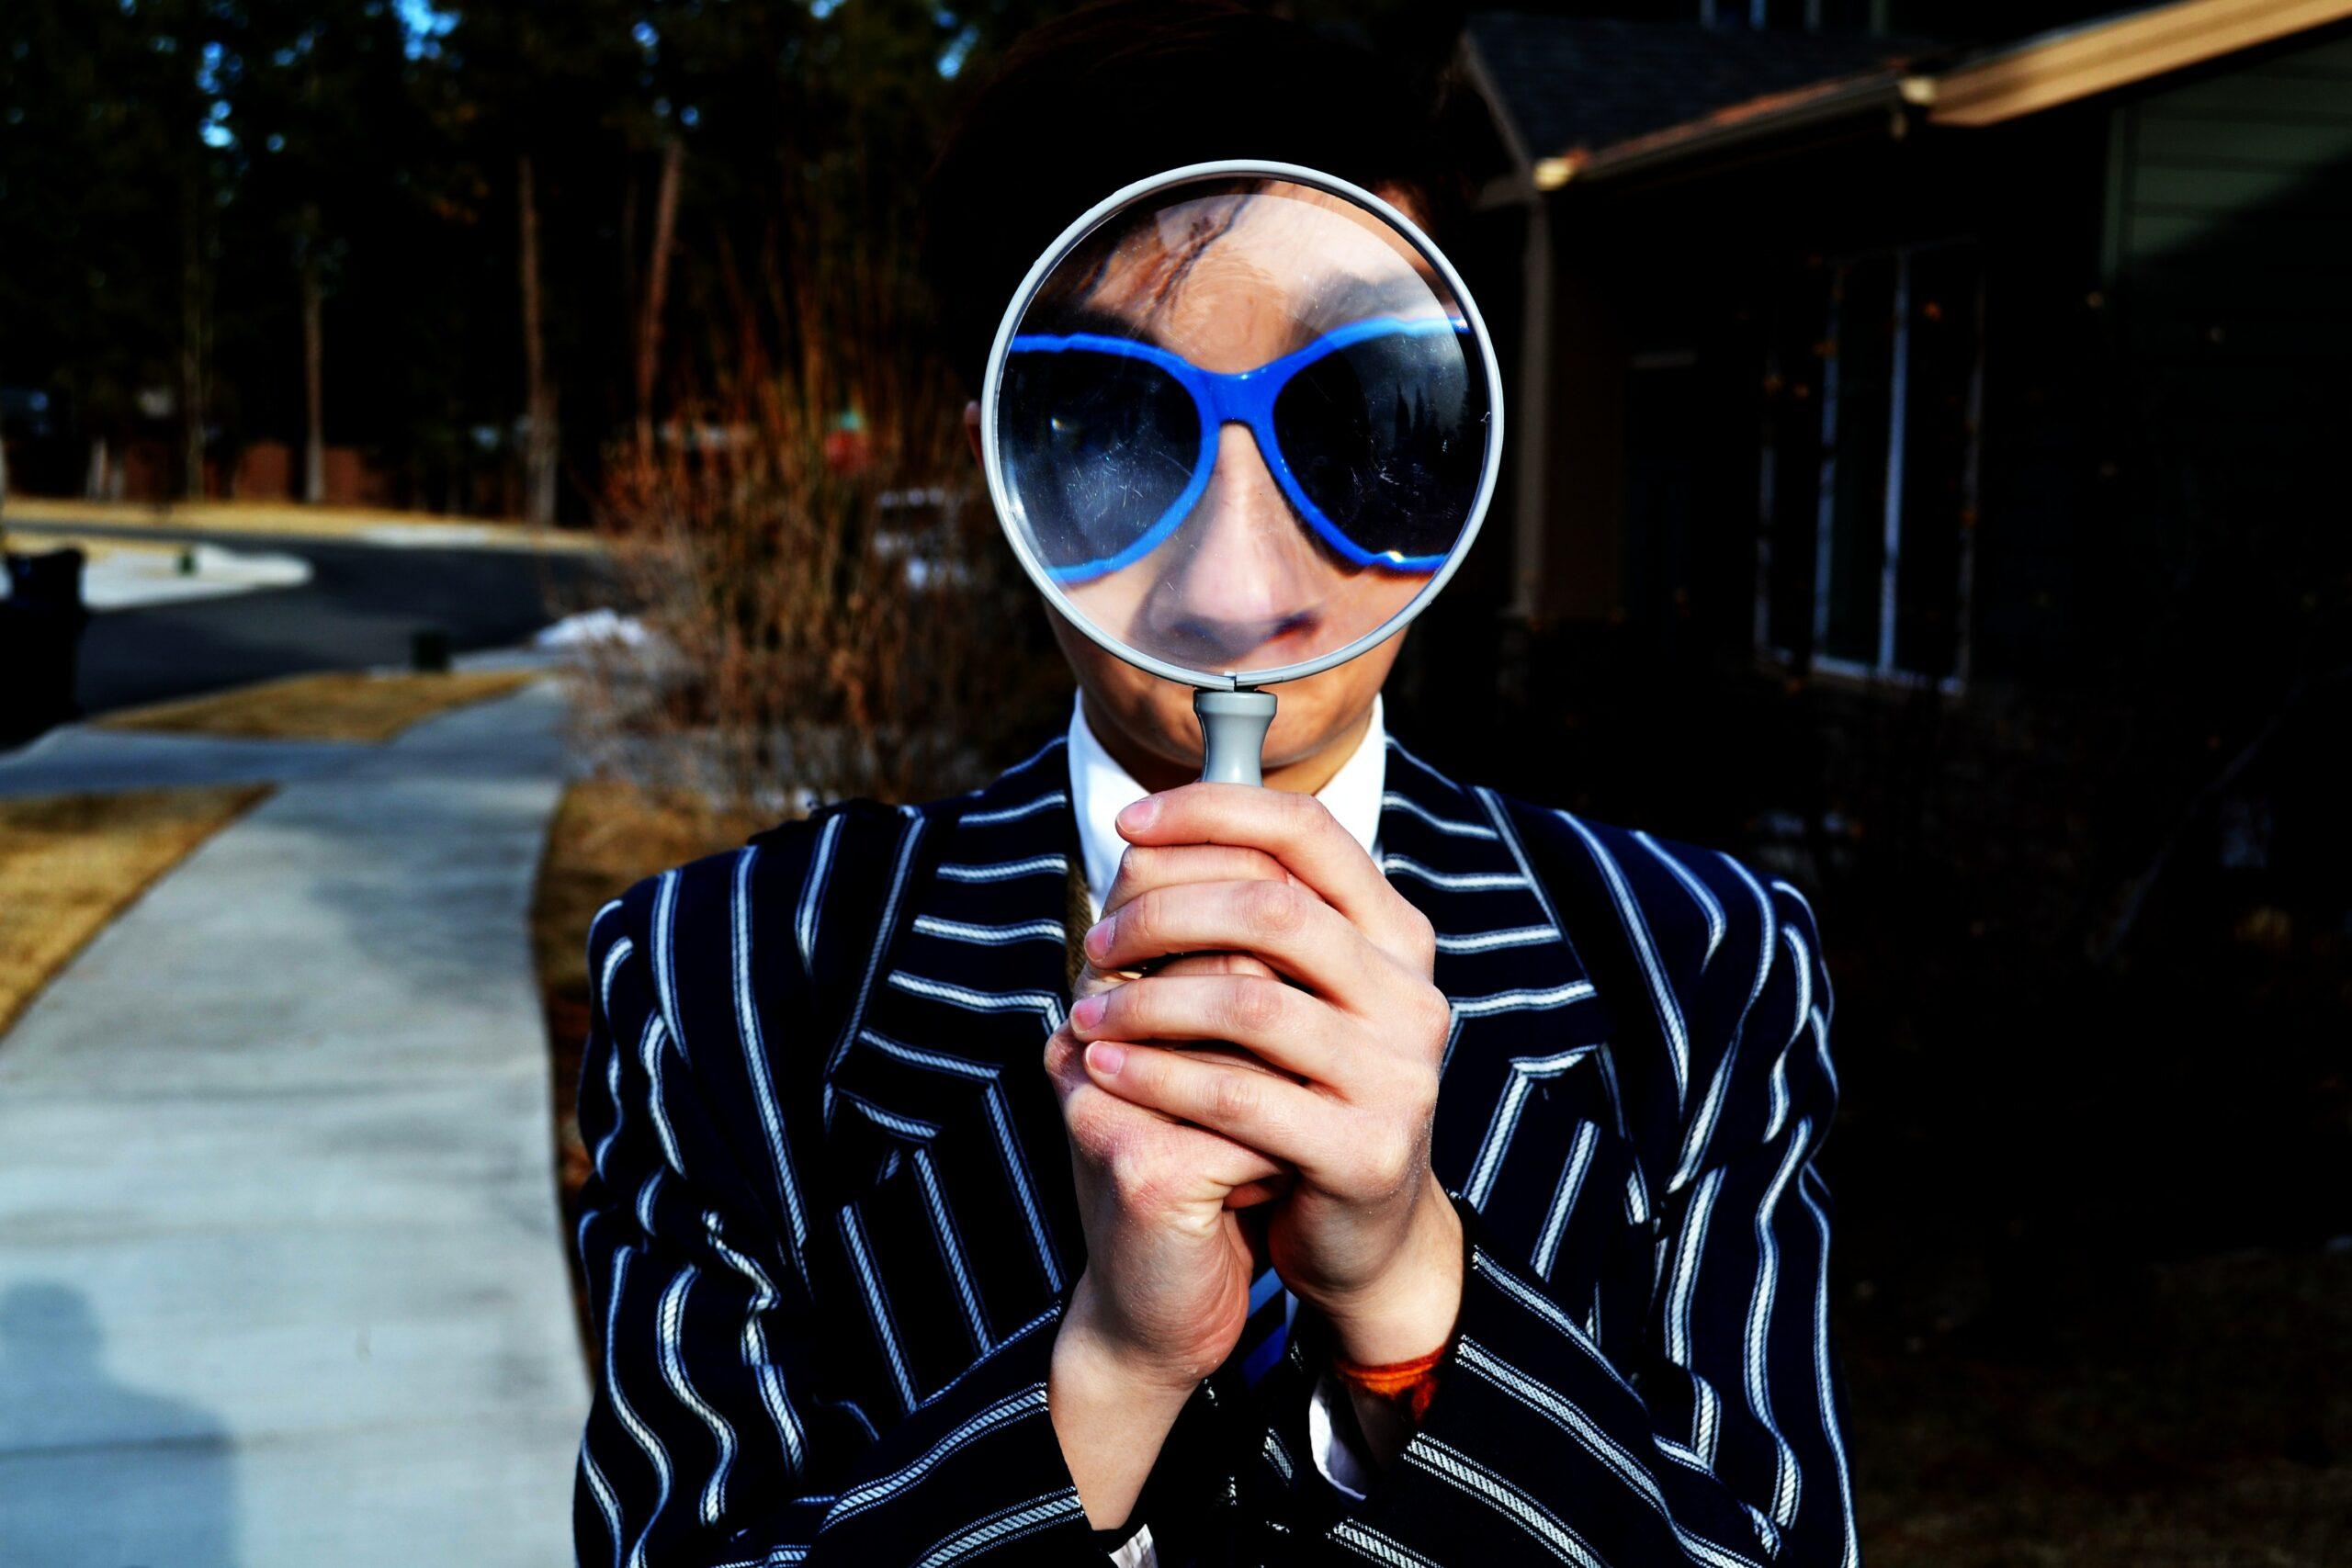 Ein Mann in einem gestreiften Jacket und einer großen blauen, auffälligen Sonnenbrillde hält eine große Lupe vor sein Gesicht. Seine Augen und seine Nase sind stark vergrößert. Es sieht etwas skurril bis witzig aus.